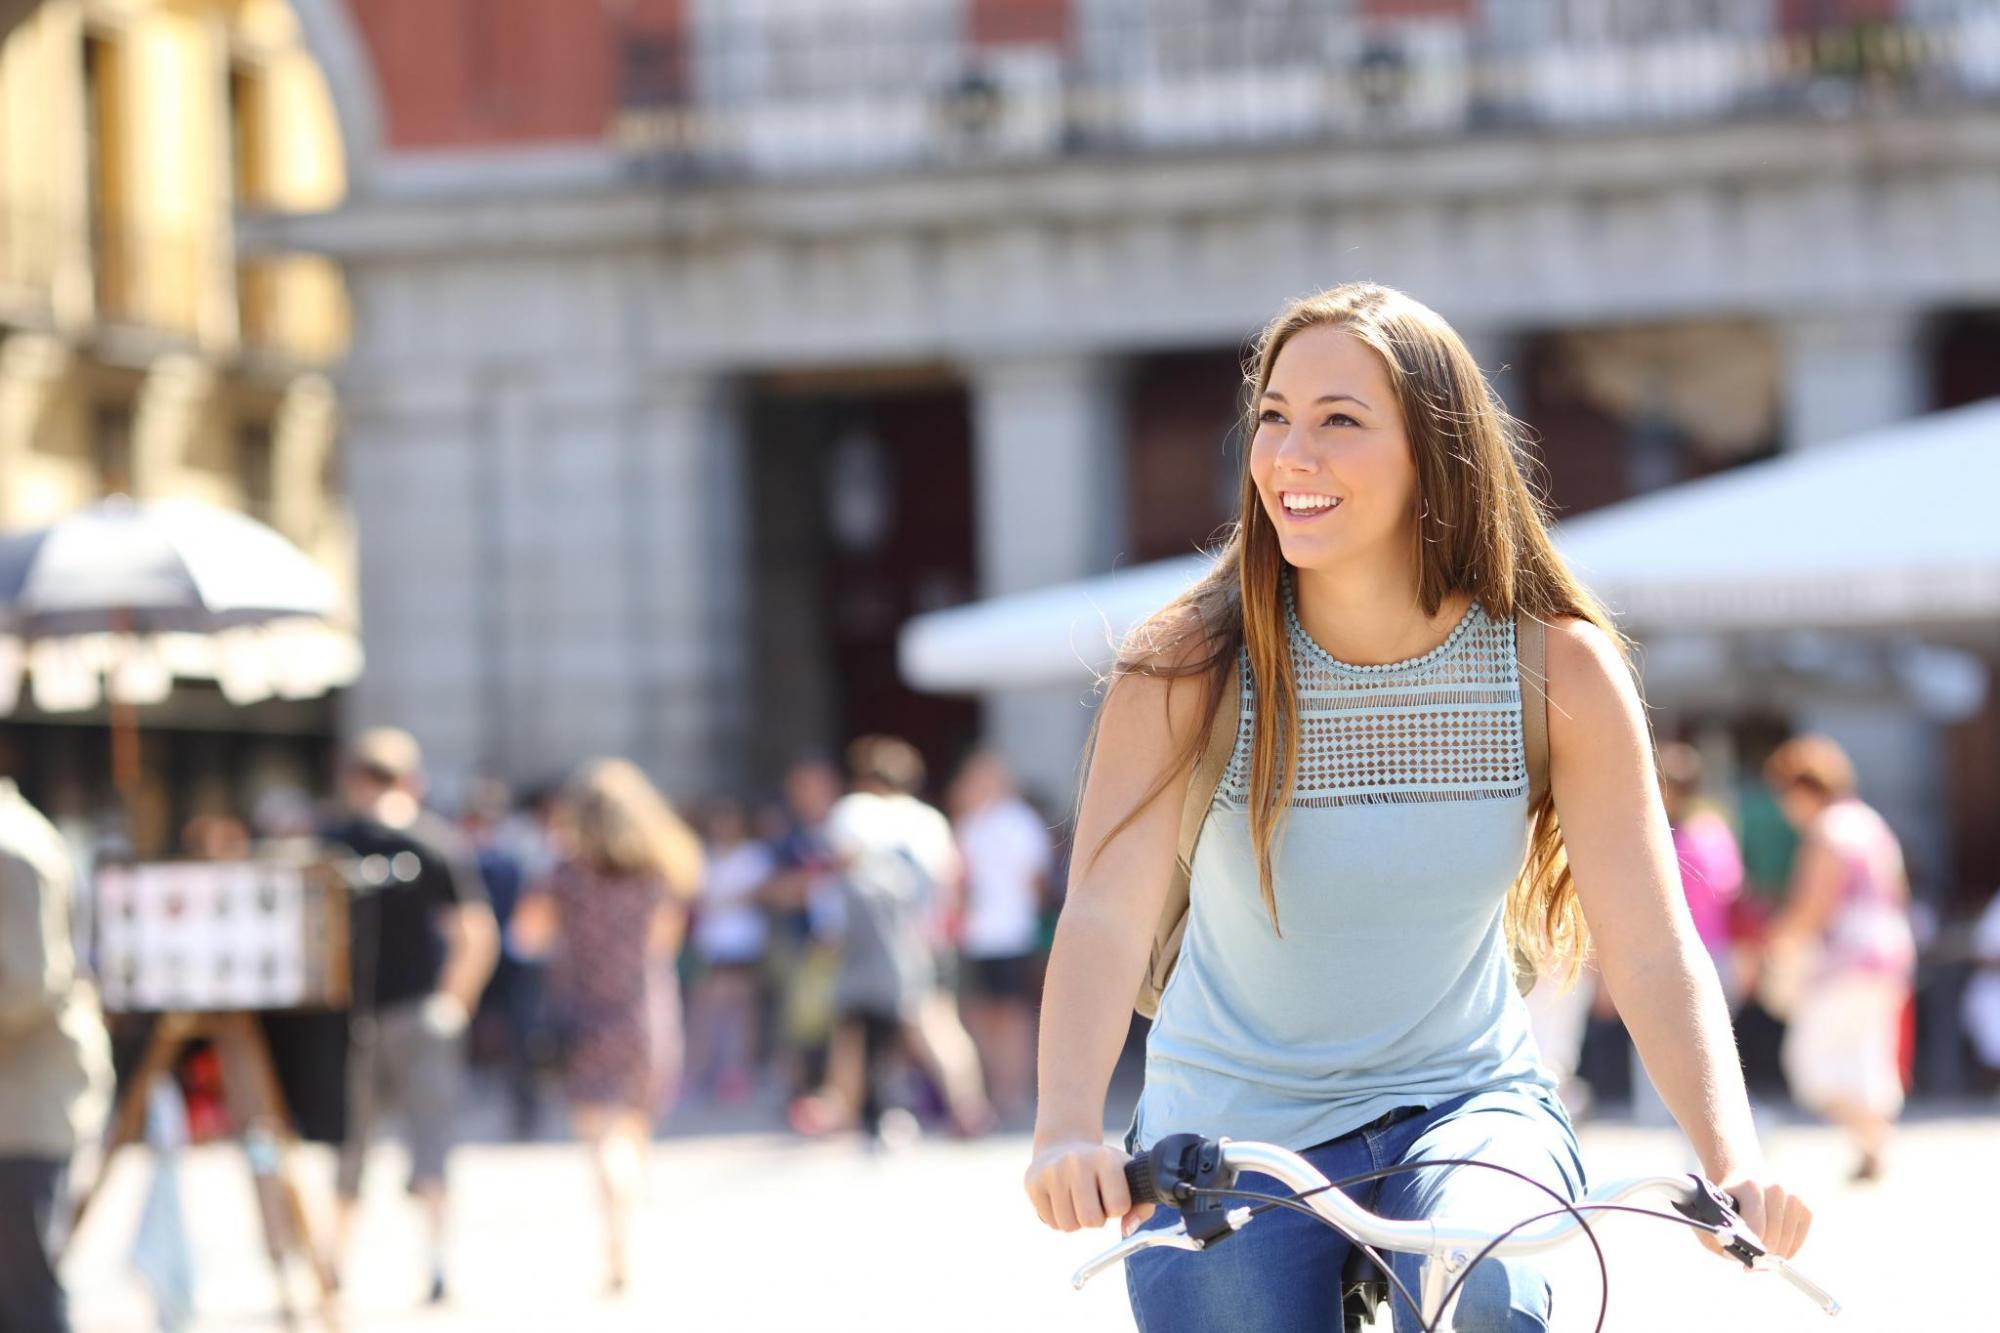 El Ayuntamiento de Cádiz ha adjudicado el Plan Estratégico de Turismo 2021-2025 a Auren Consultores